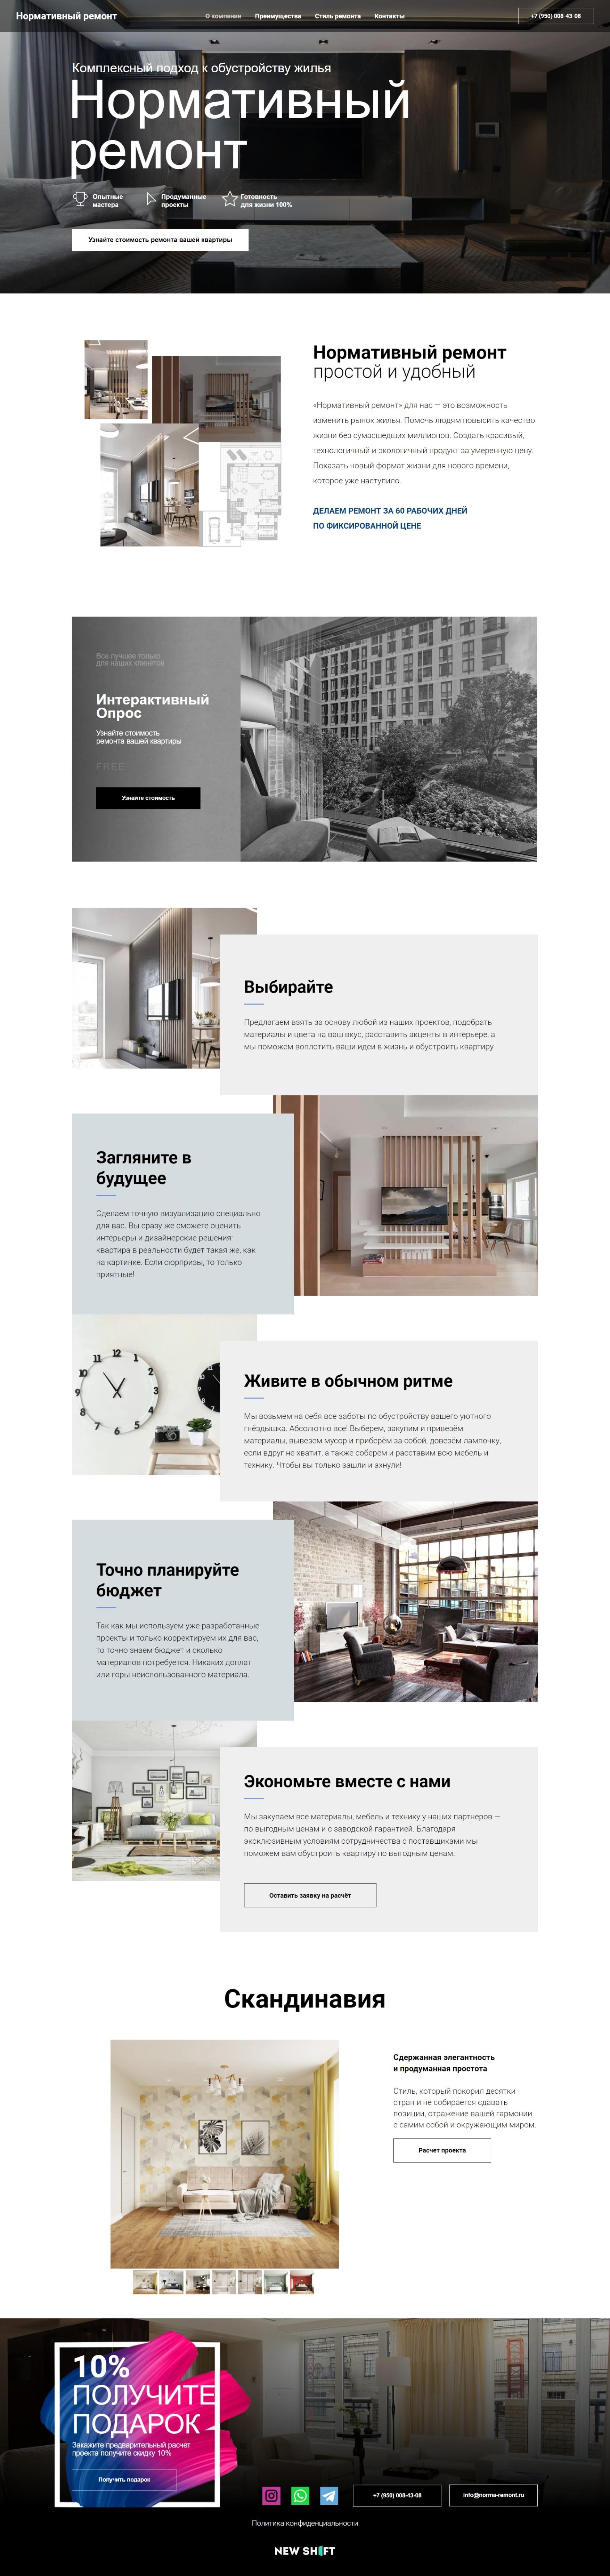 Обустройство жилья «Нормативный ремонт»